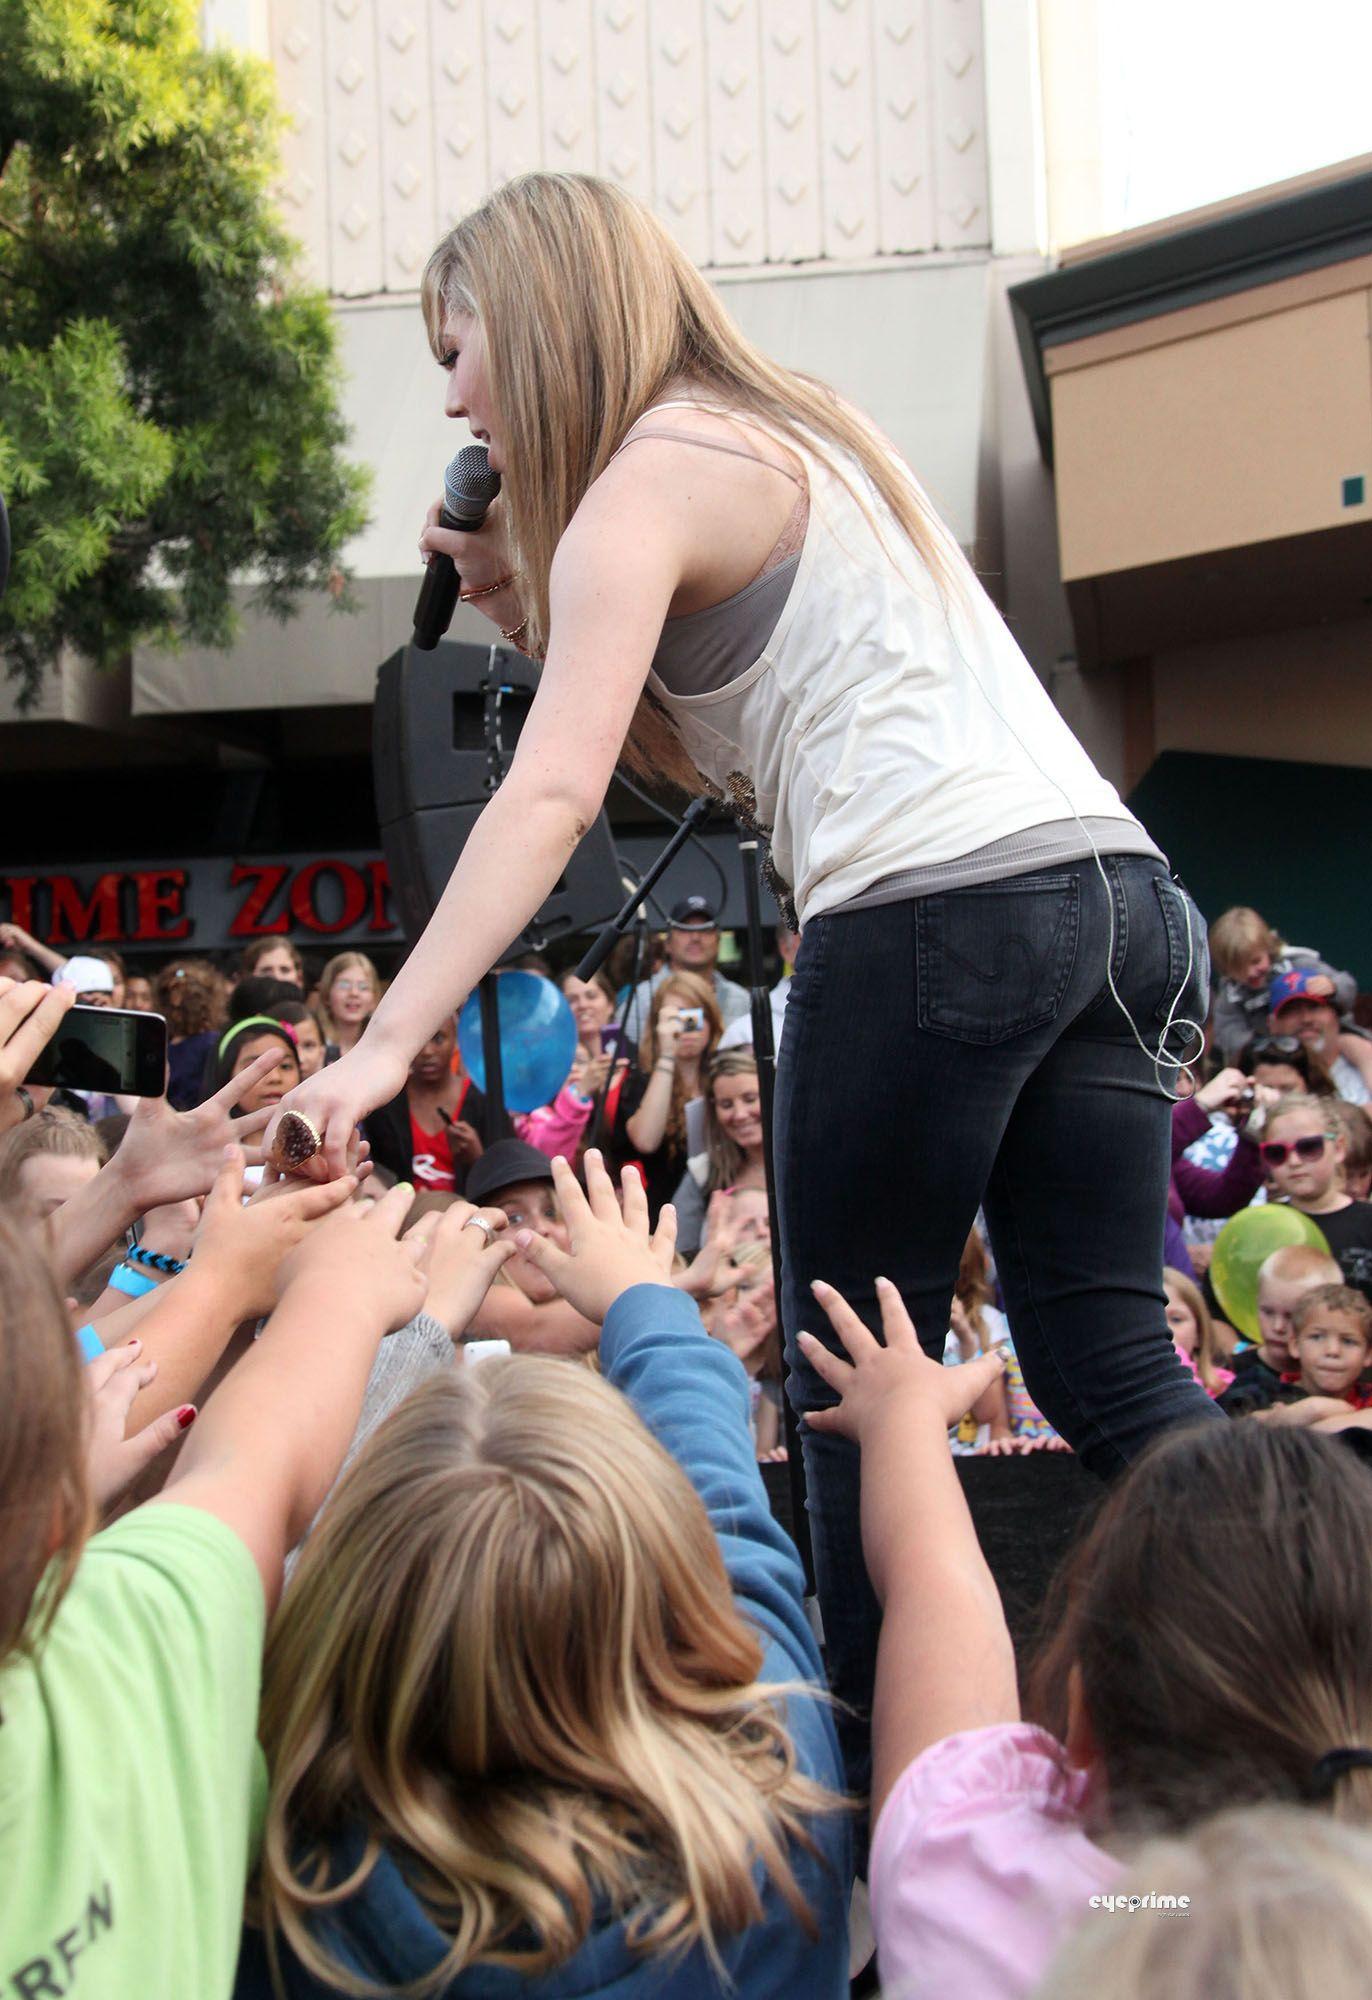 Jennette Mccurdy Ass Jennette Mccurdy Jennette Mccurdy Photo 33003752 Fanpop Fanclubs